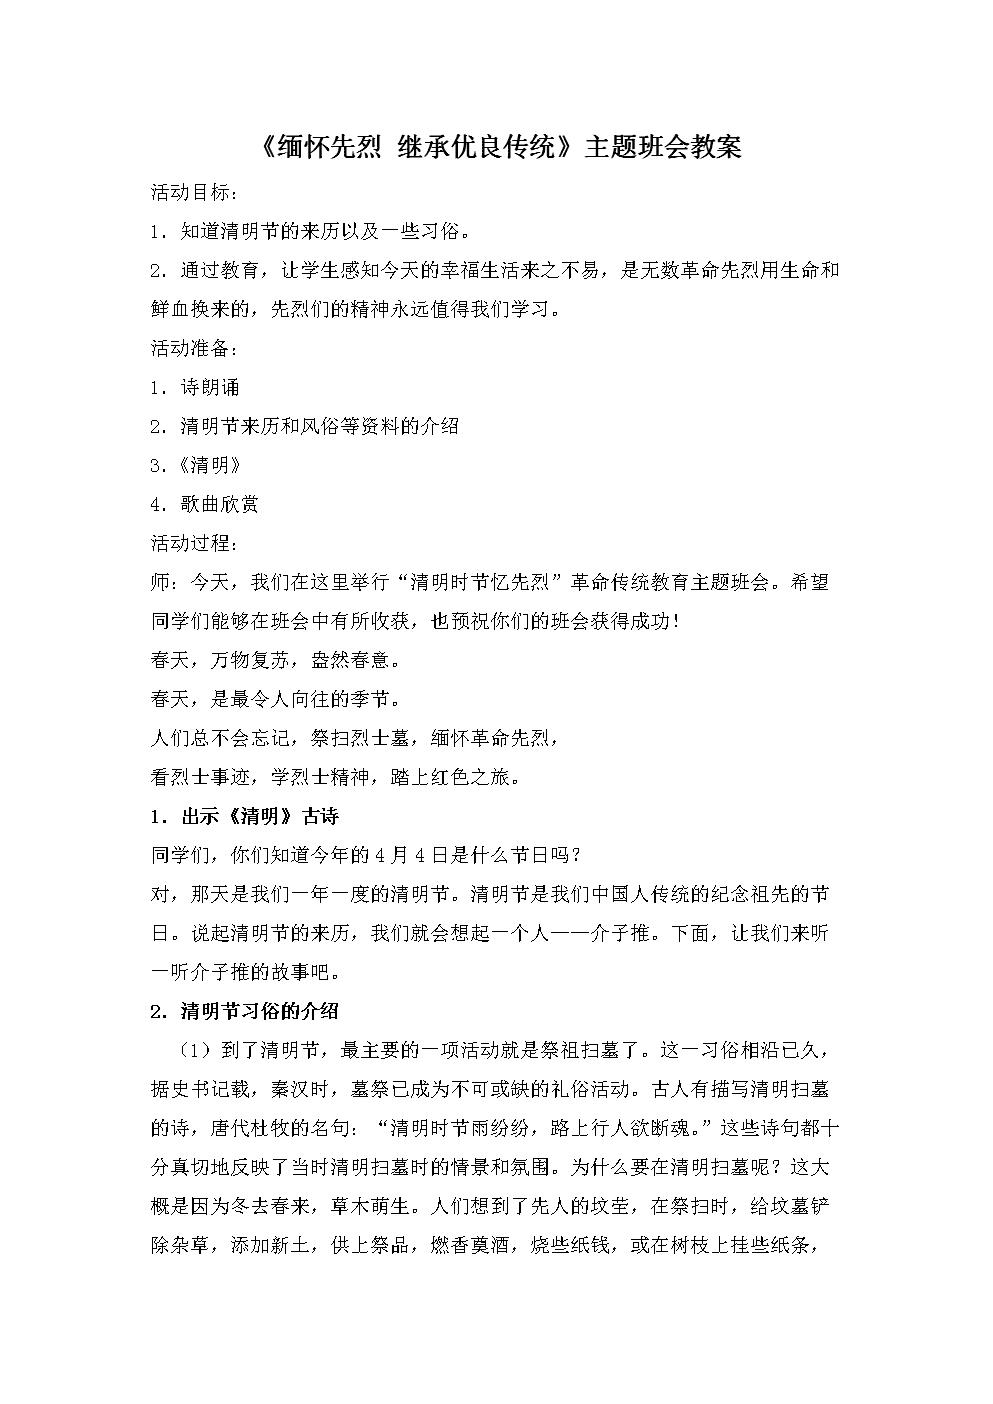 《緬懷先烈 繼承優良傳統》主題班會教案.doc